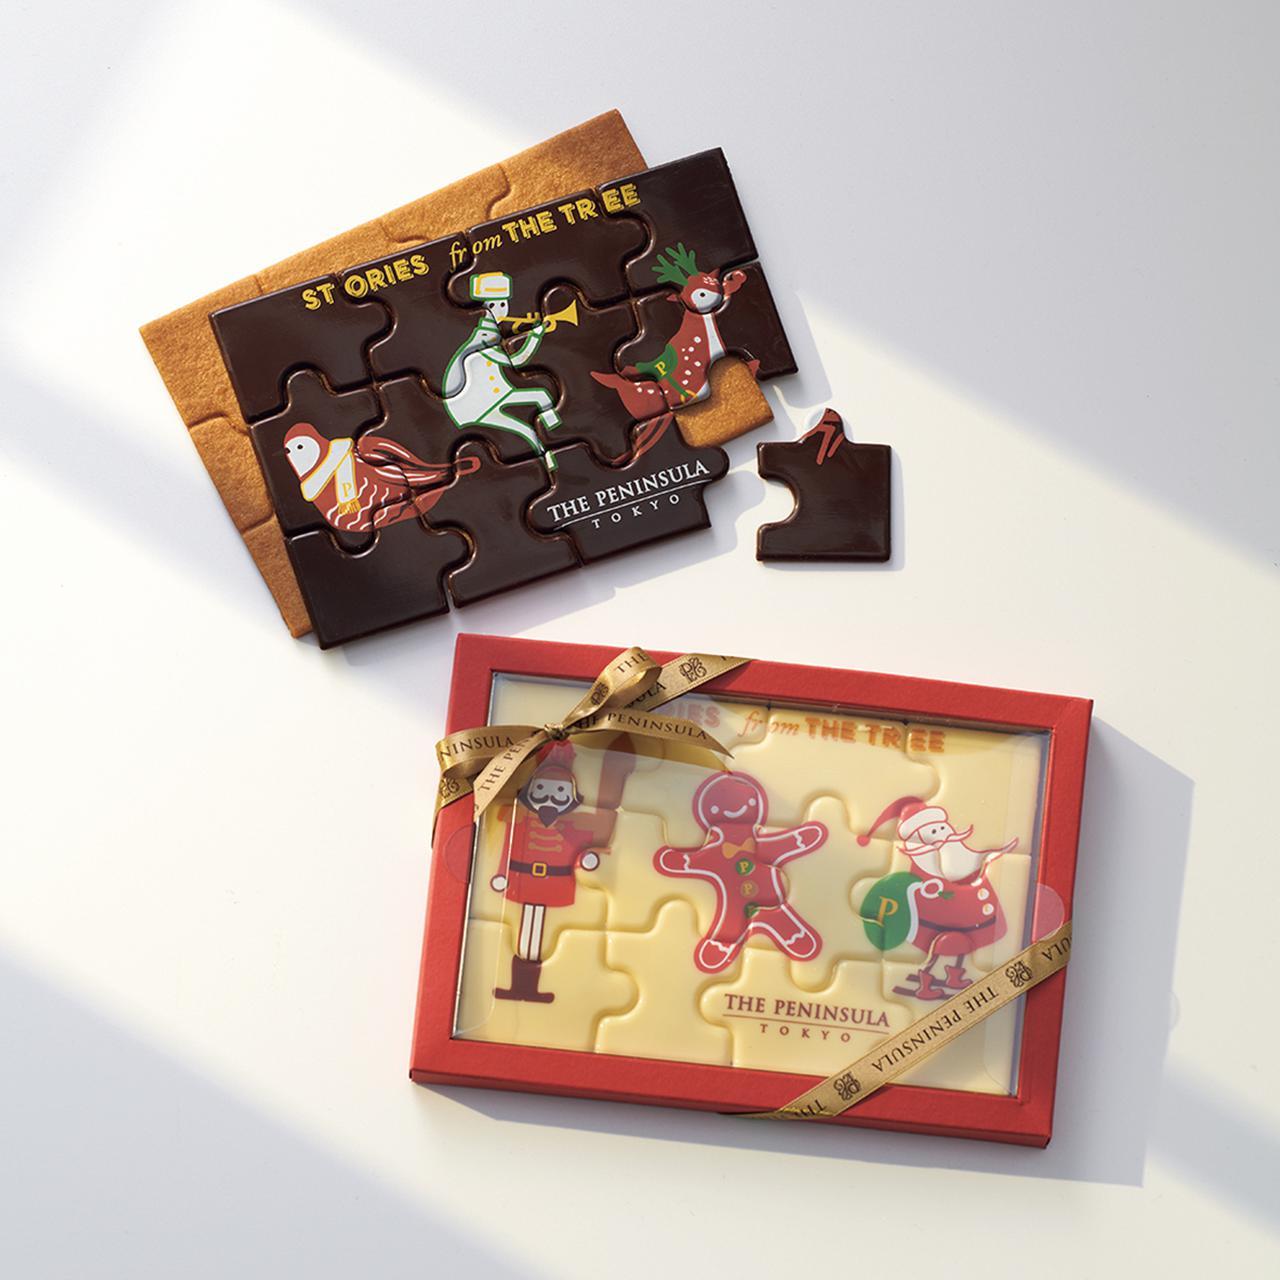 Images : ザ・ペニンシュラ ブティック&カフェ「チョコレートパズル」